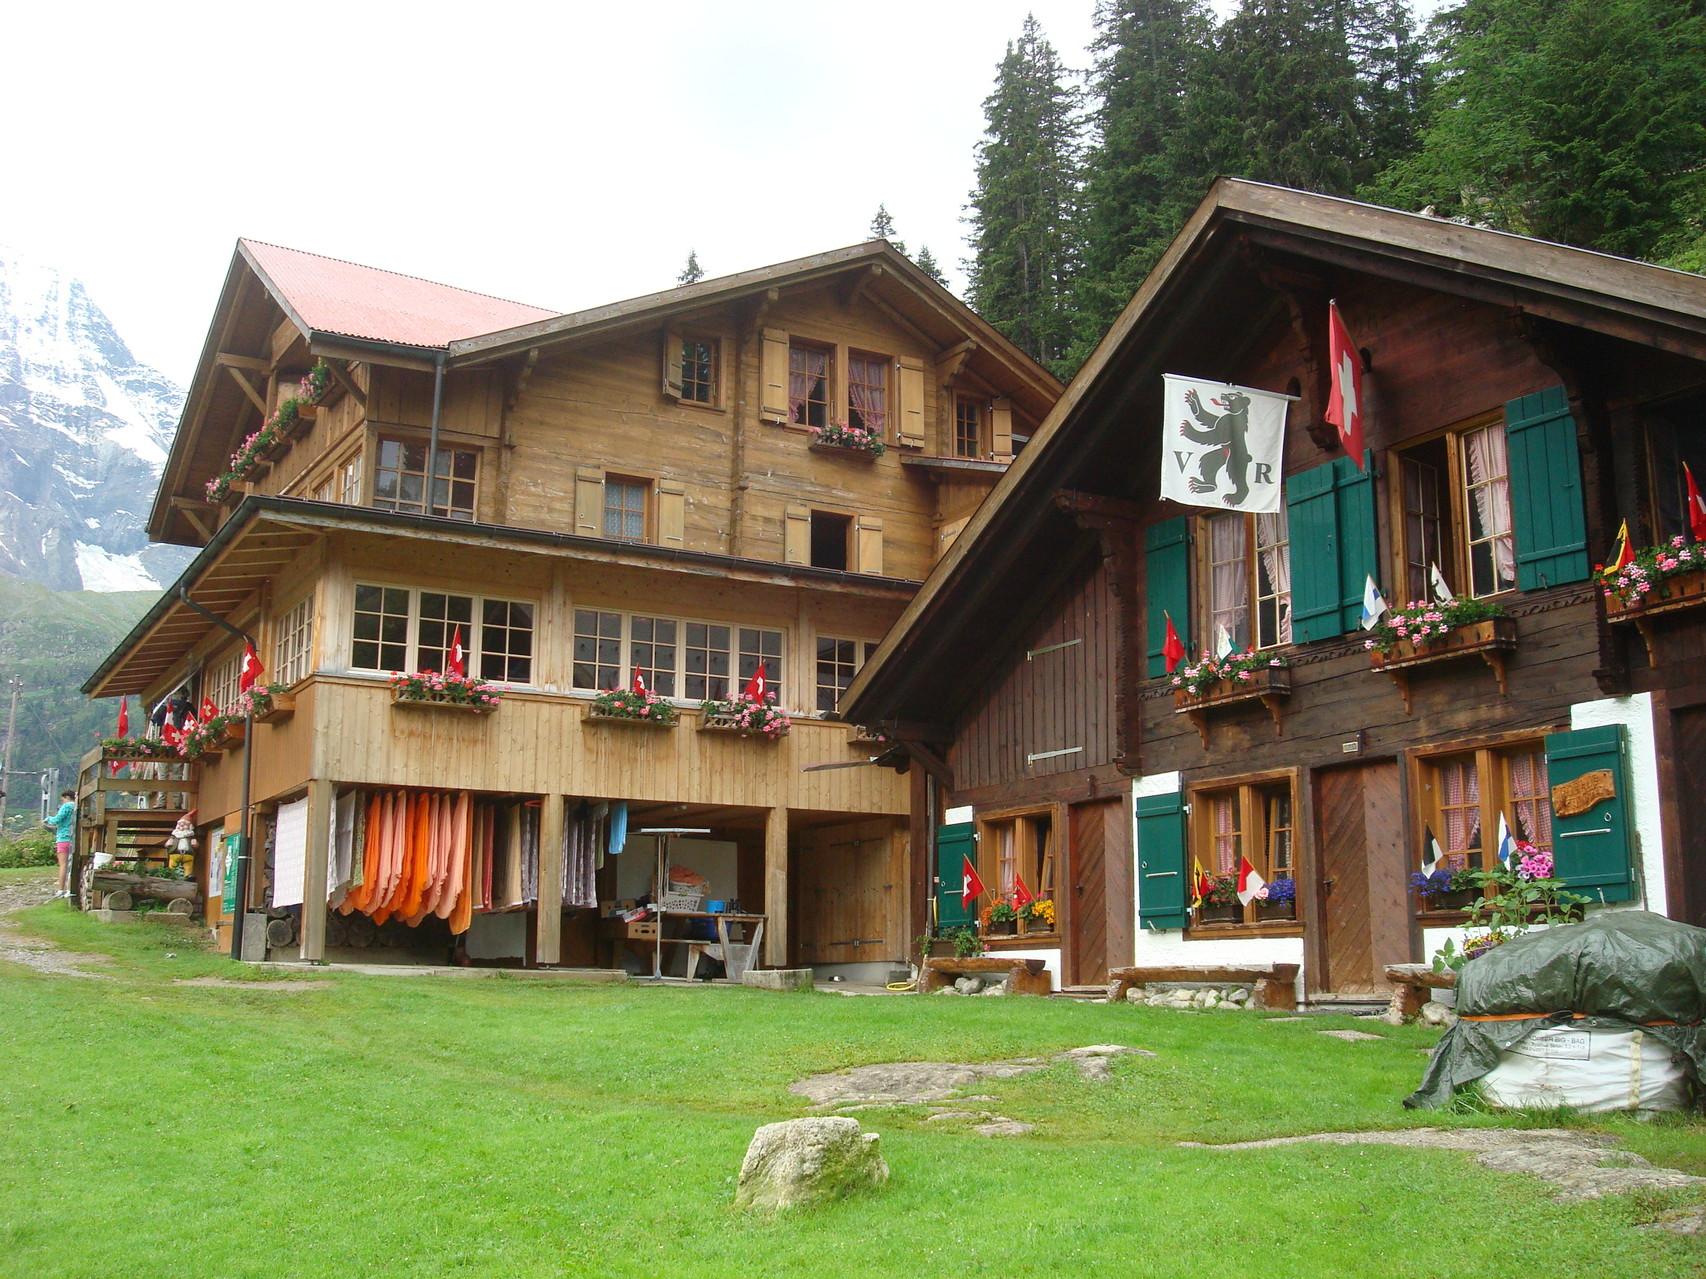 unsere Unterkunft: Berggasthaus Tschingelhorn